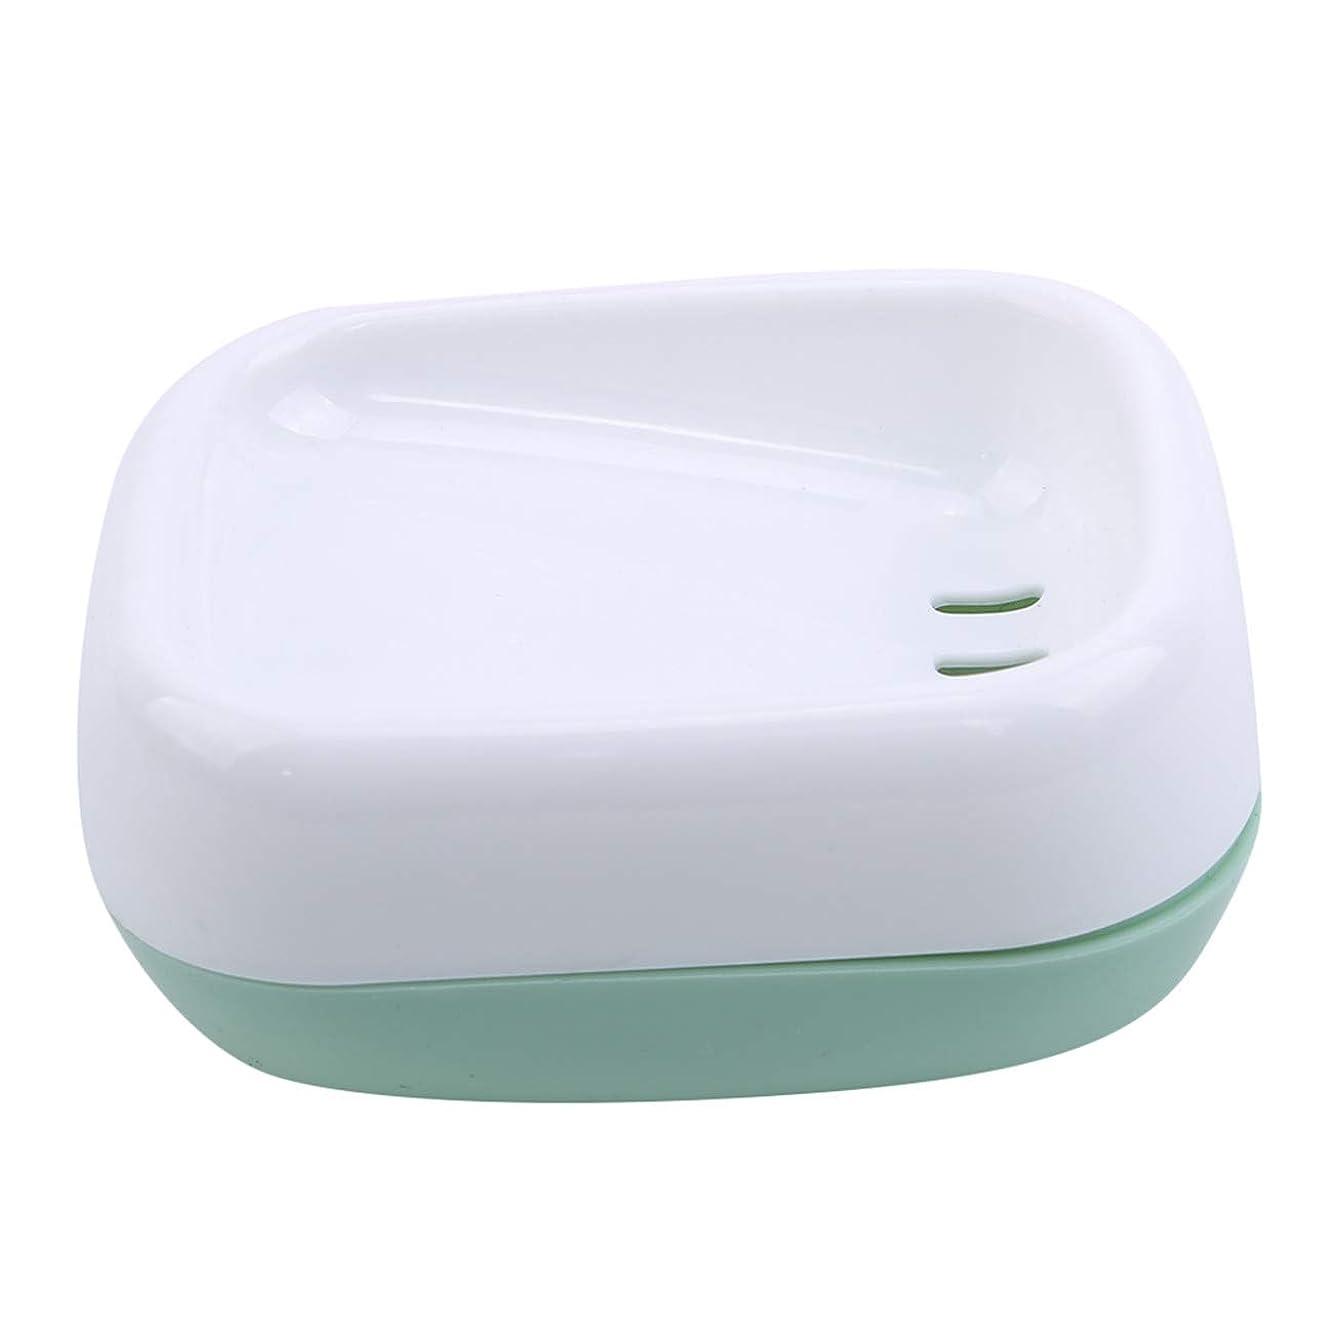 順応性おとなしいカビZALINGソープディッシュボックス浴室プラスチック二重層衛生的なシンプル排水コンテナソープディッシュグリーン